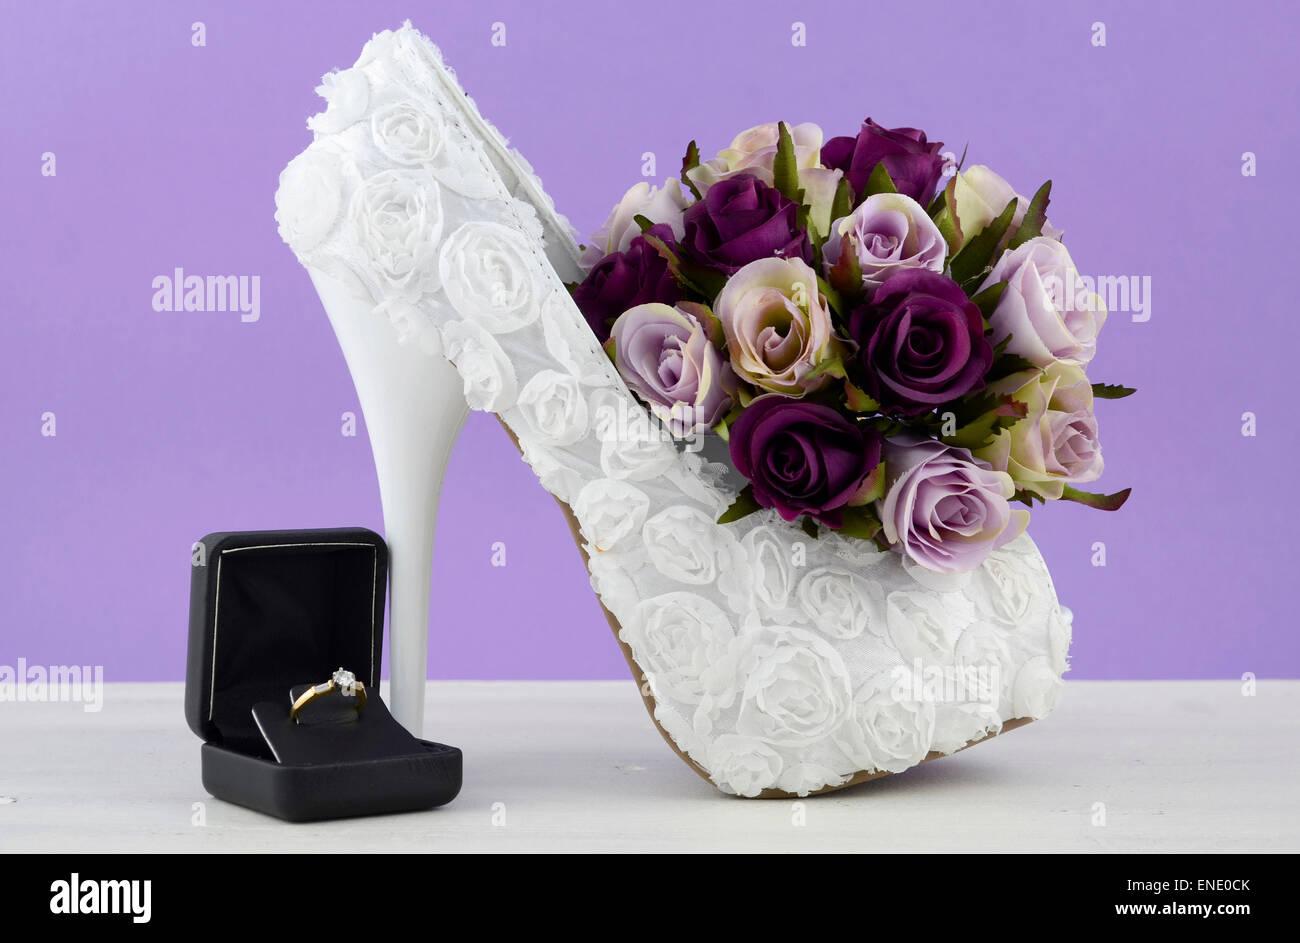 Hochzeit Theme Weiss Floral Brautschuhe Mit Blumen Auf Shabby Chic